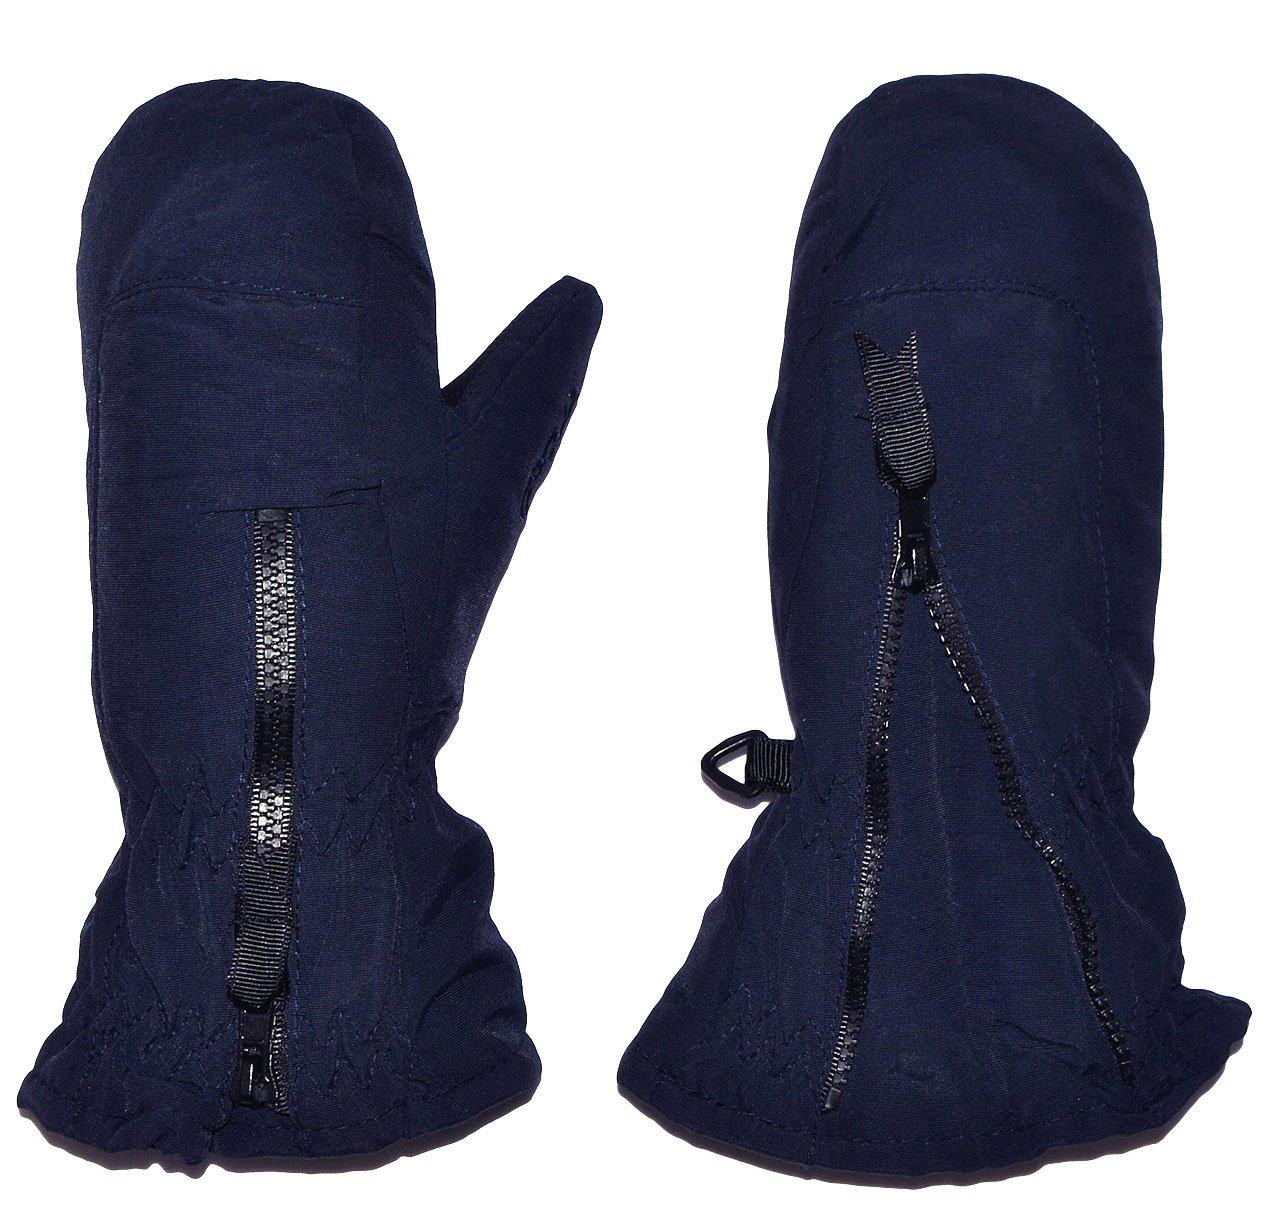 Unbekannt Fausthandschuhe - dunkel blau - mit langem Schaft - Größe: 1 bis 2 Jahre - Reißverschluß - leicht anzuziehen - Thermo gefüttert Thermohandschuh - Fausthan.. Kinder-Land